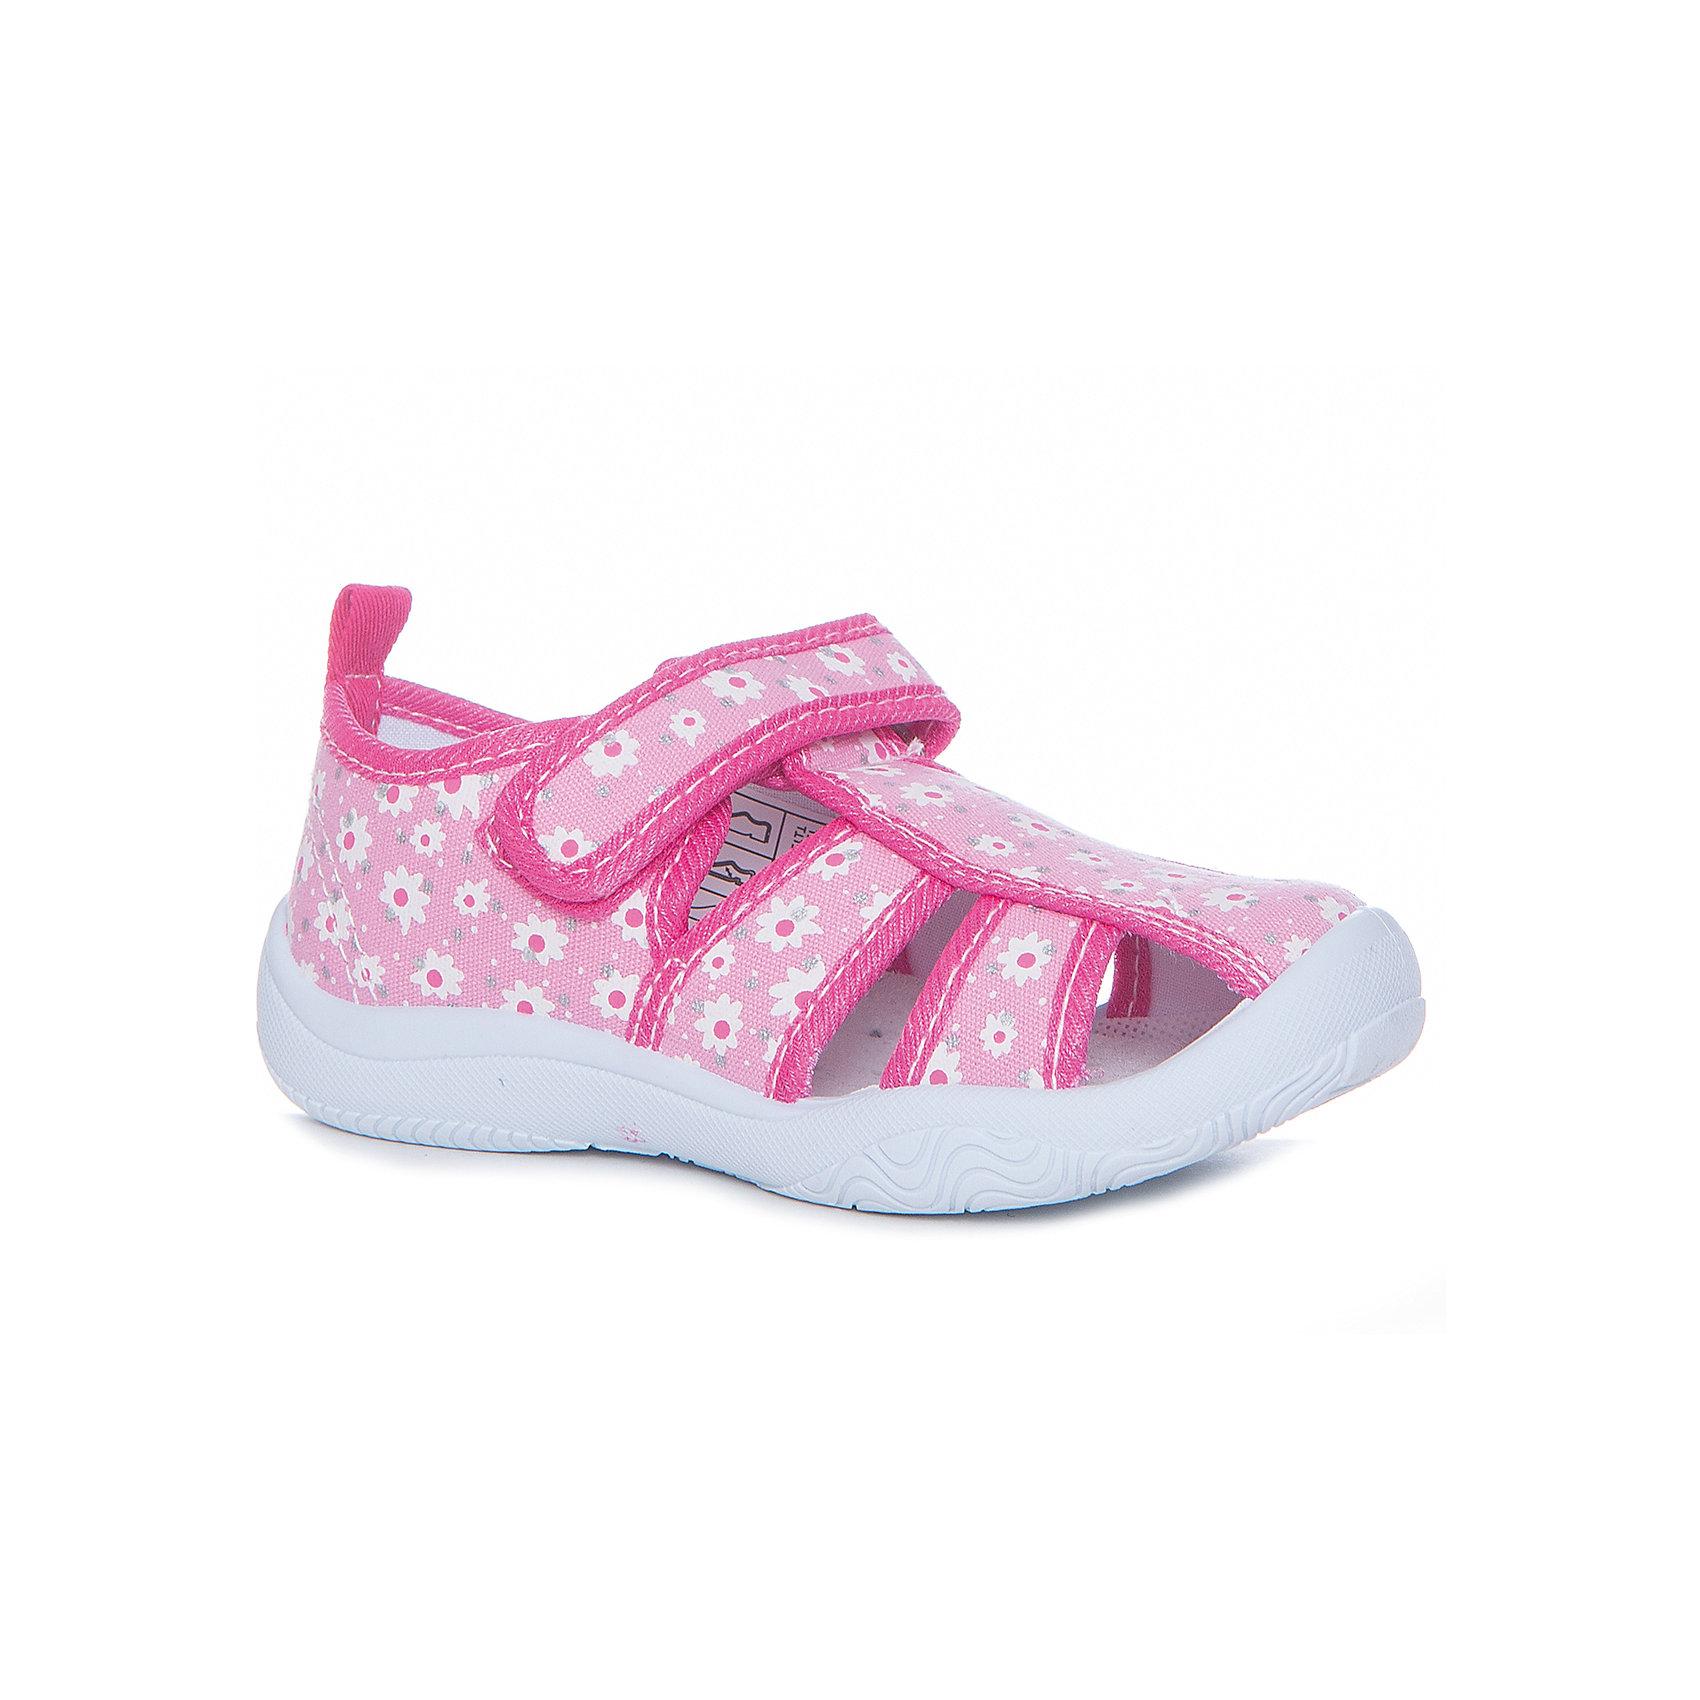 Сандалии для девочки MURSUОбувь<br>Текстильная обувь для девочки MURSU<br>Состав: <br>Материал верха: хлопок; Материал подкладки: хлопок; Материал подошвы: ПВХ; Материал стельки: натуральная кожа.<br><br>Ширина мм: 227<br>Глубина мм: 145<br>Высота мм: 124<br>Вес г: 325<br>Цвет: фуксия<br>Возраст от месяцев: 9<br>Возраст до месяцев: 12<br>Пол: Женский<br>Возраст: Детский<br>Размер: 20,25,24,23,22,21<br>SKU: 5325702